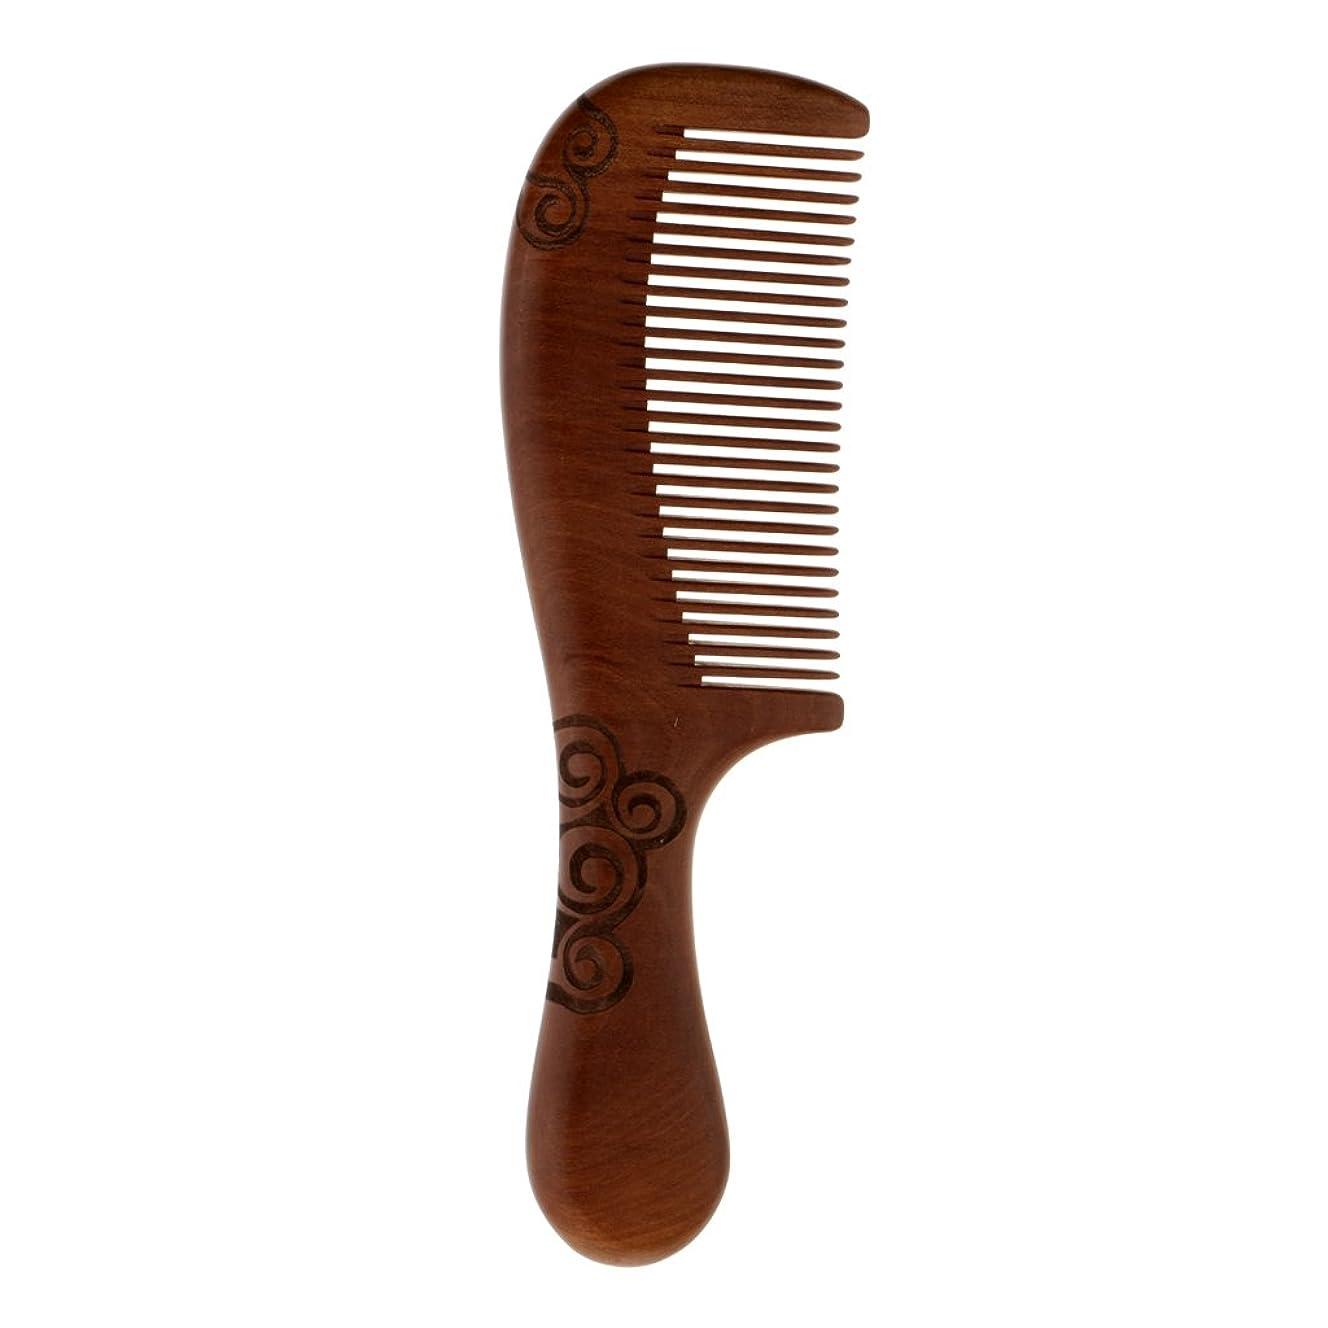 関与するスタジアムサバントヘアコーム 櫛 木製 美髪ケア 頭皮マッサージ 帯電防止 髪の櫛 ヘアケア 頭皮に優しい